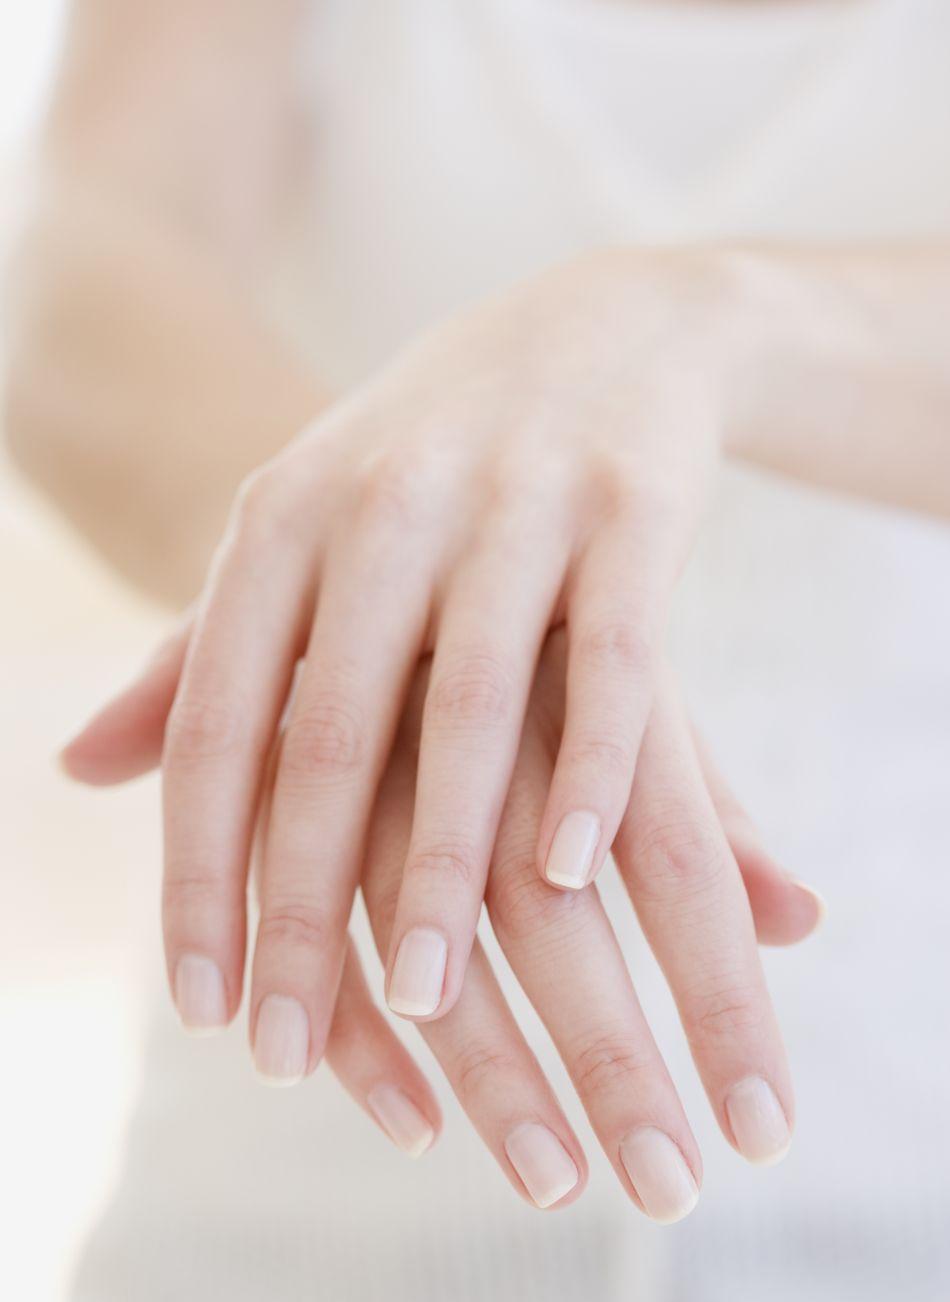 Comment avoir des beaux ongles.